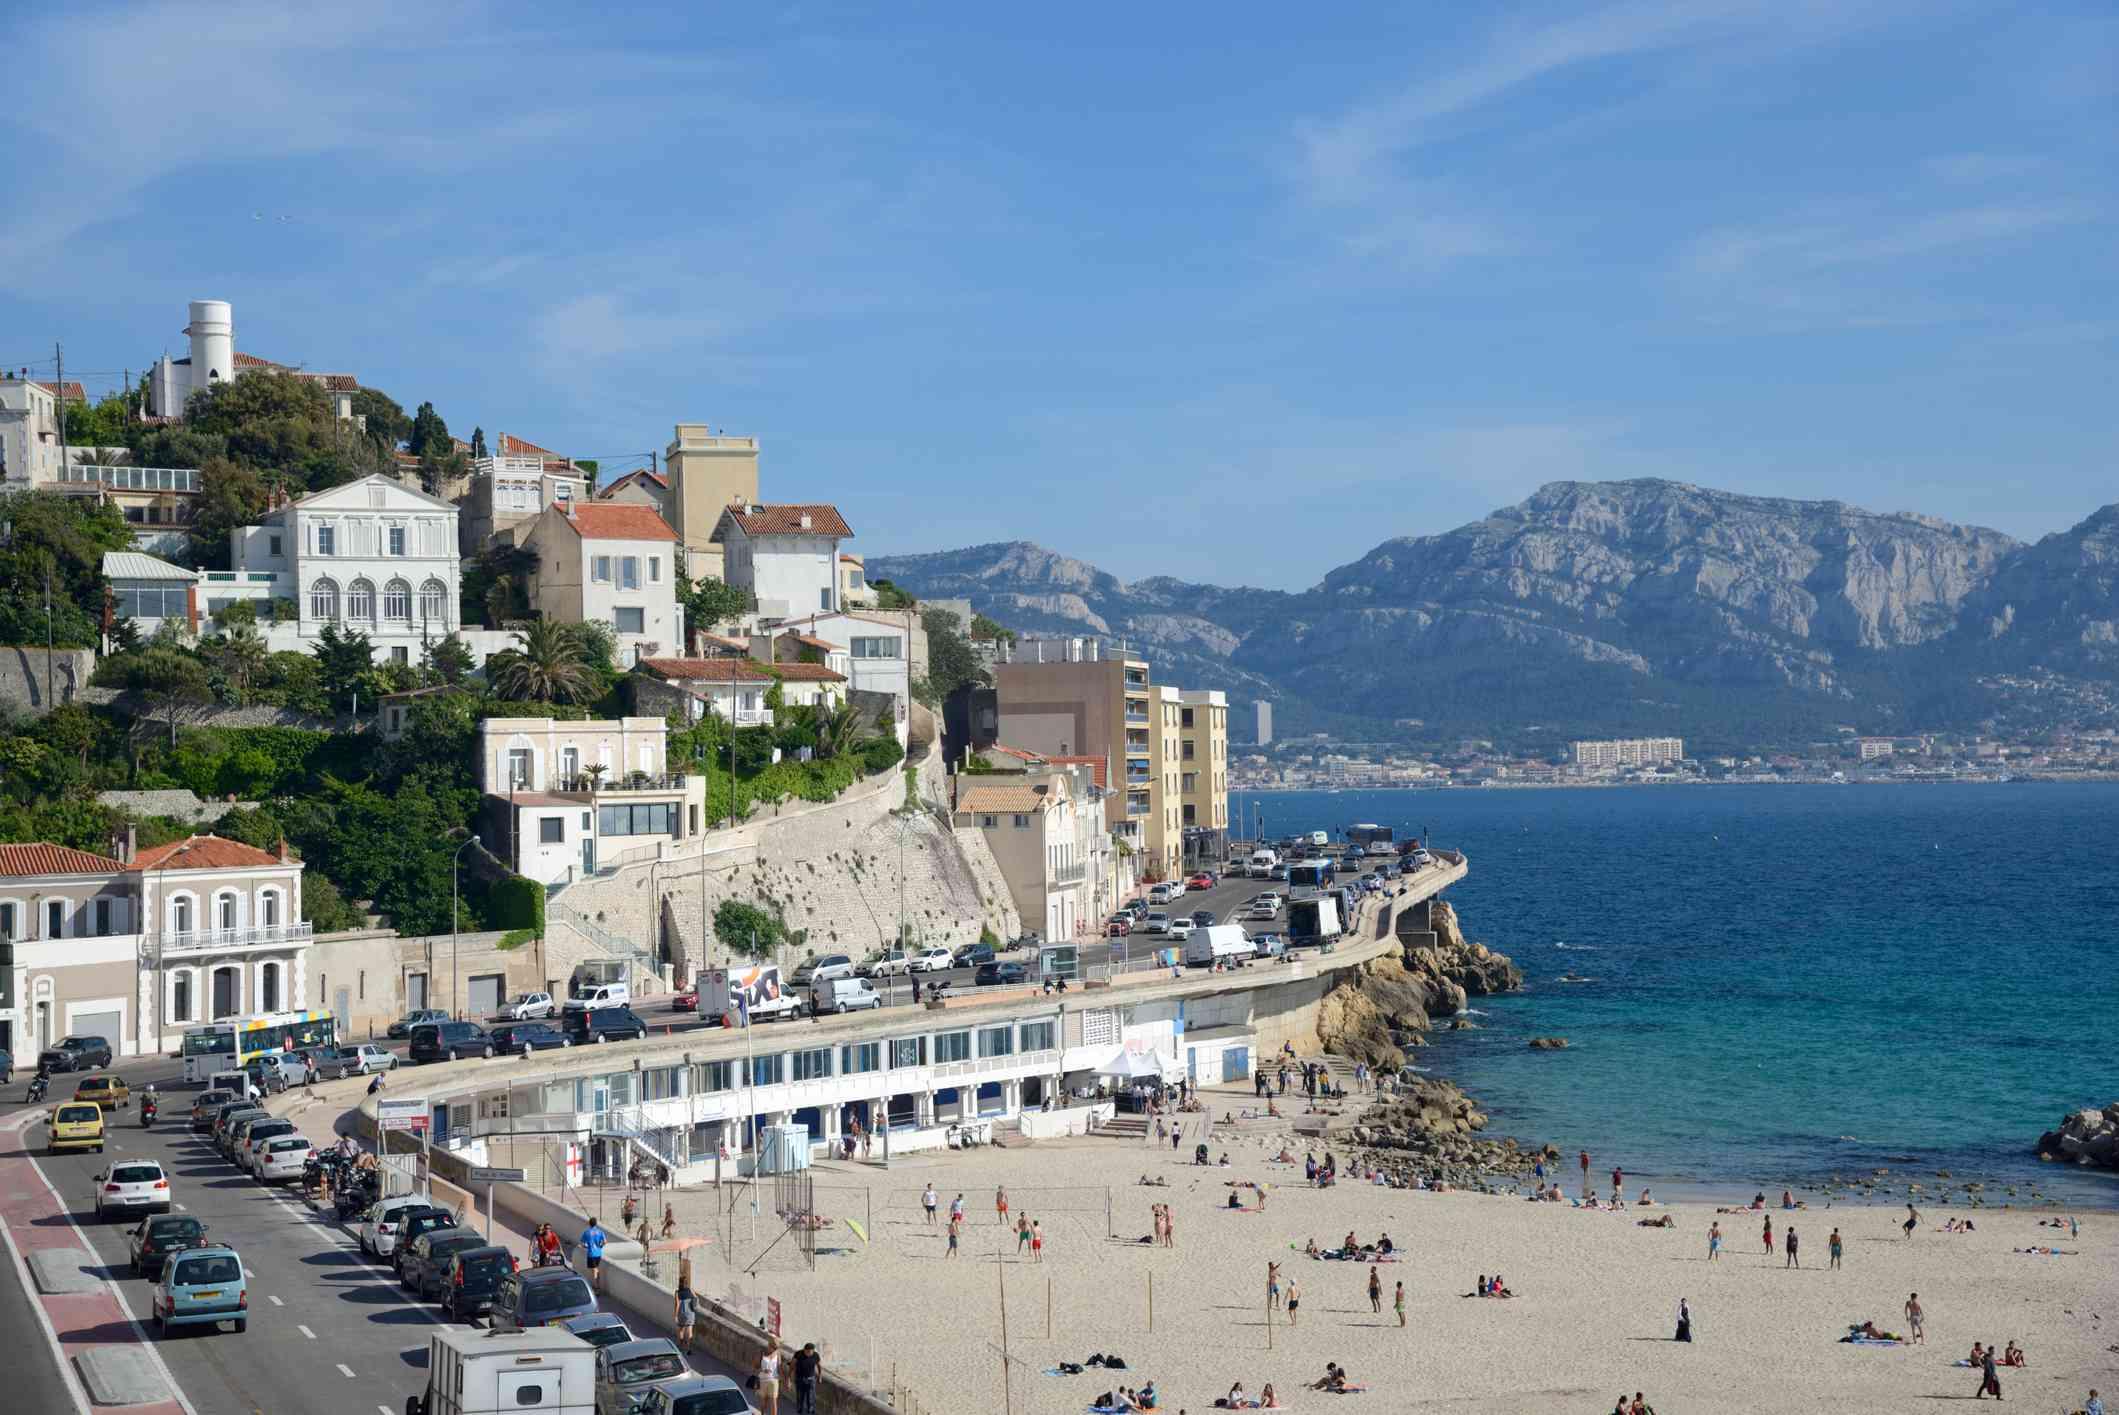 Plage du Prophète, Marseille beach